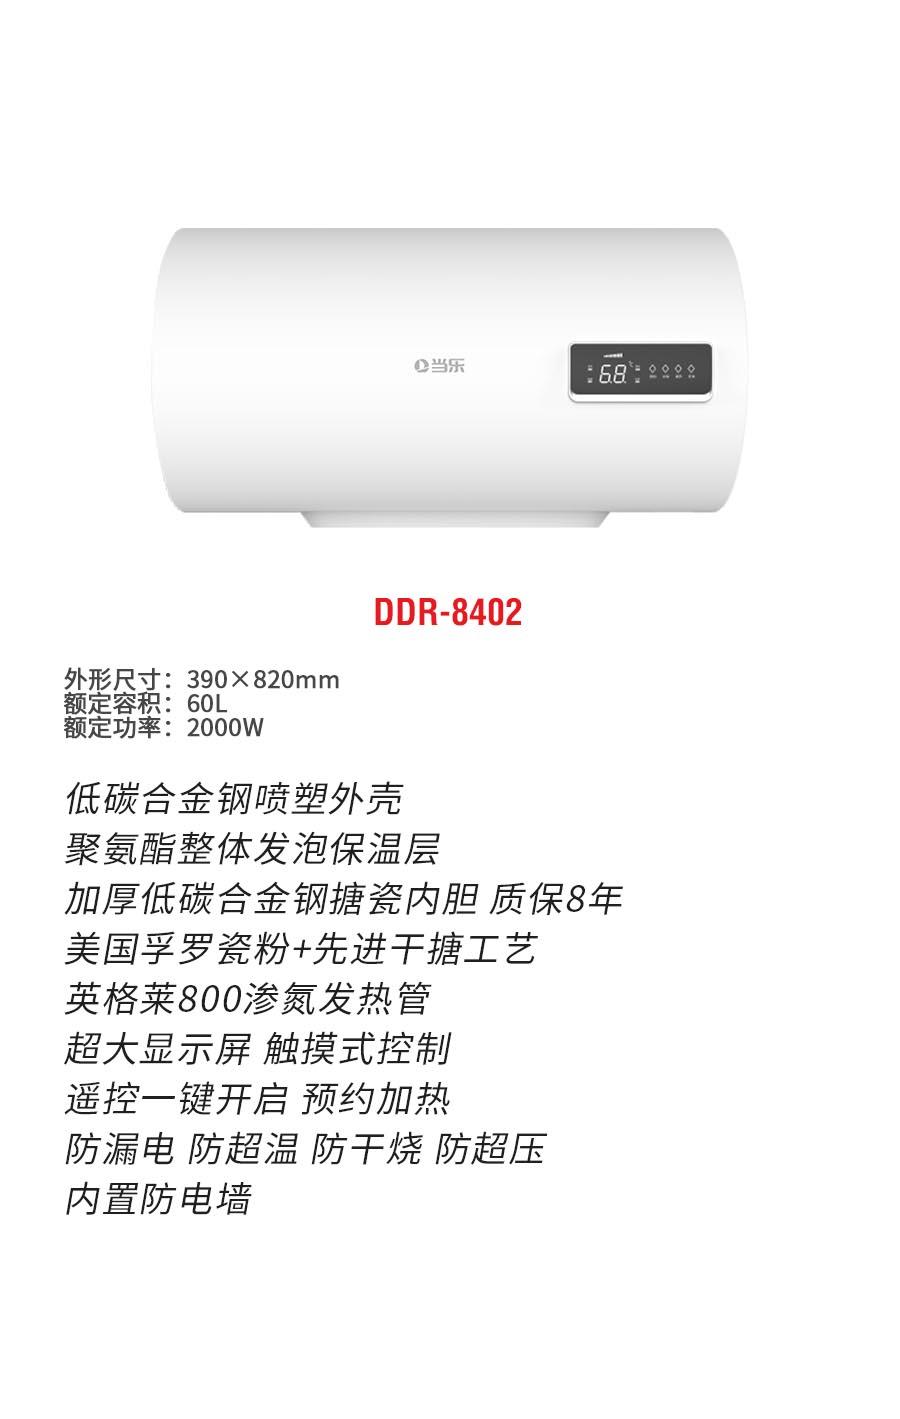 DDR8402b.jpg